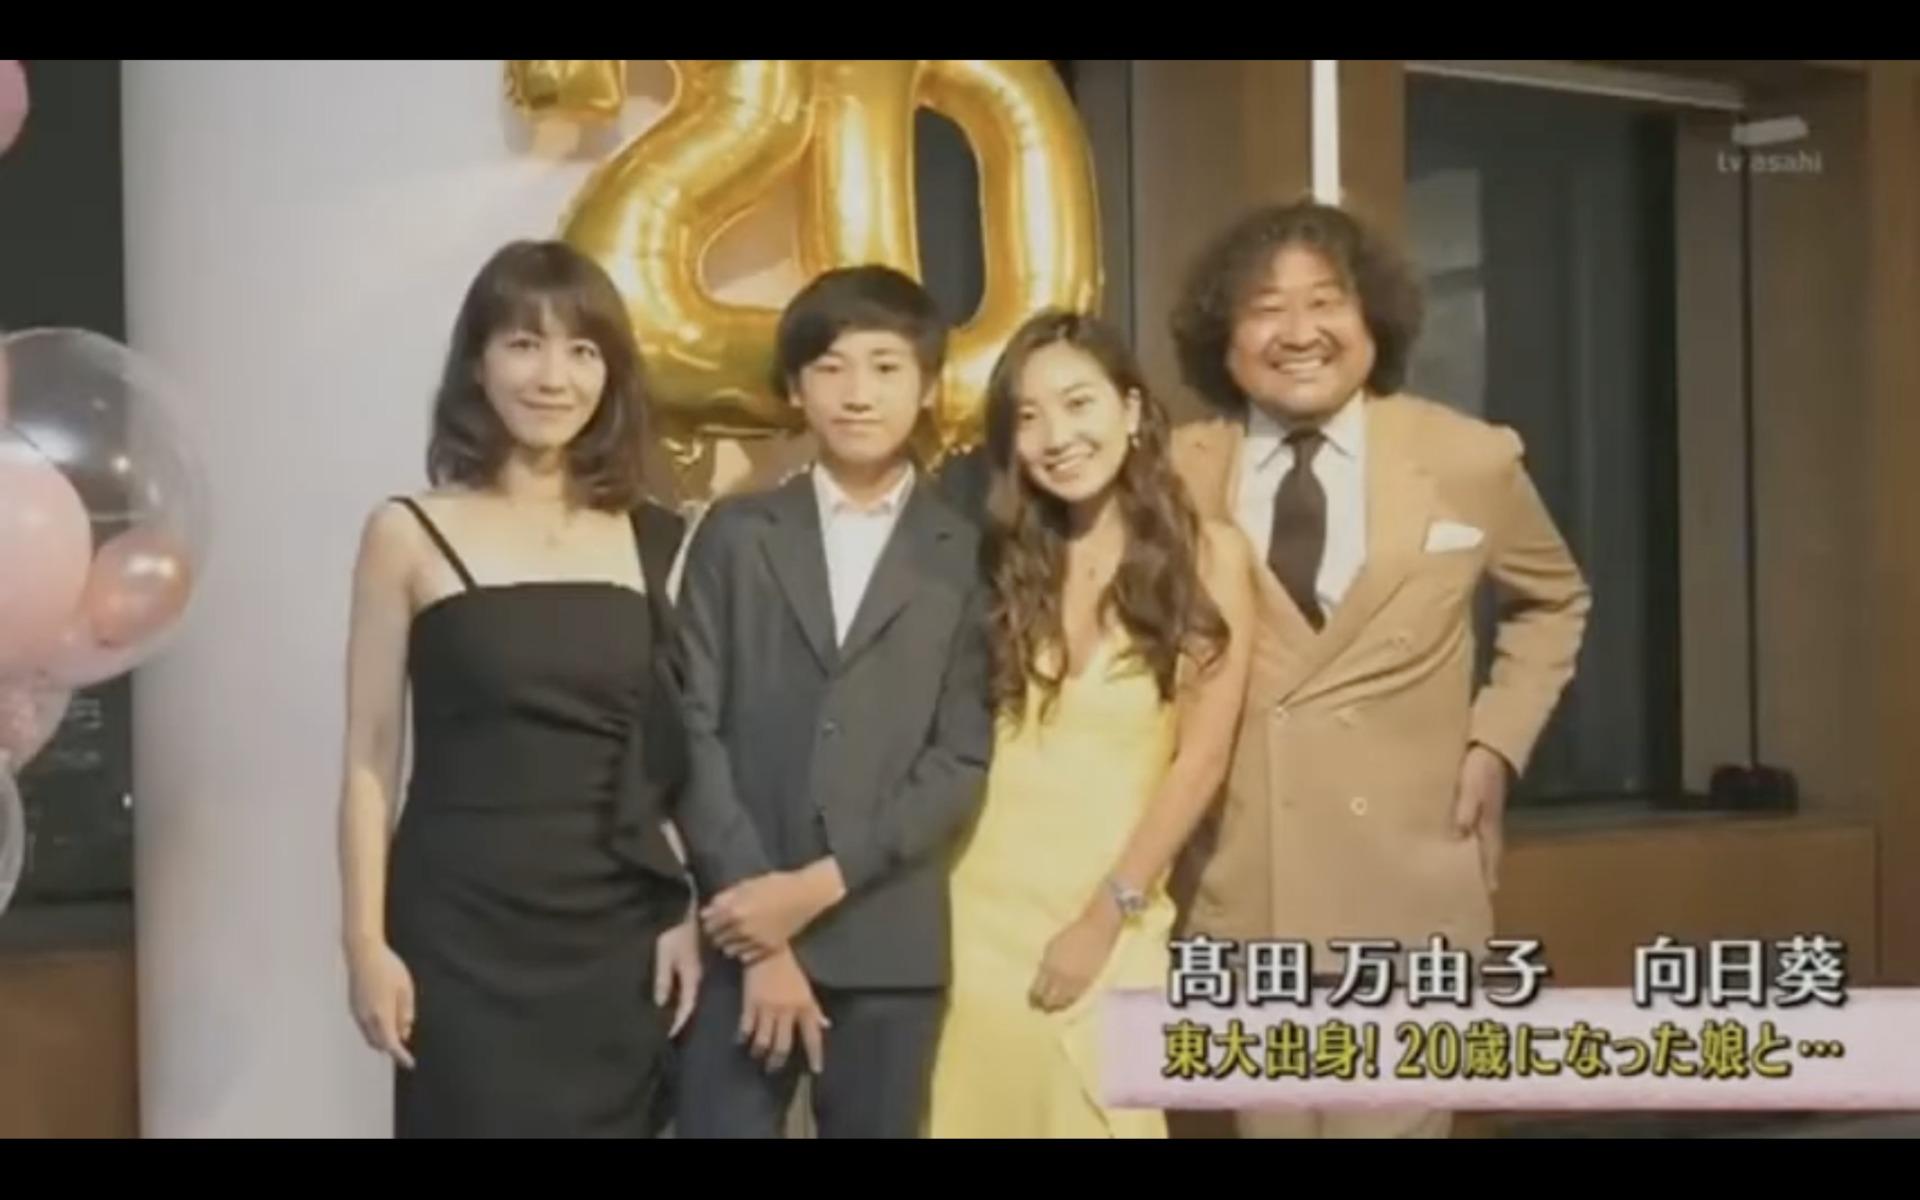 葉加瀬太郎さんのご家族